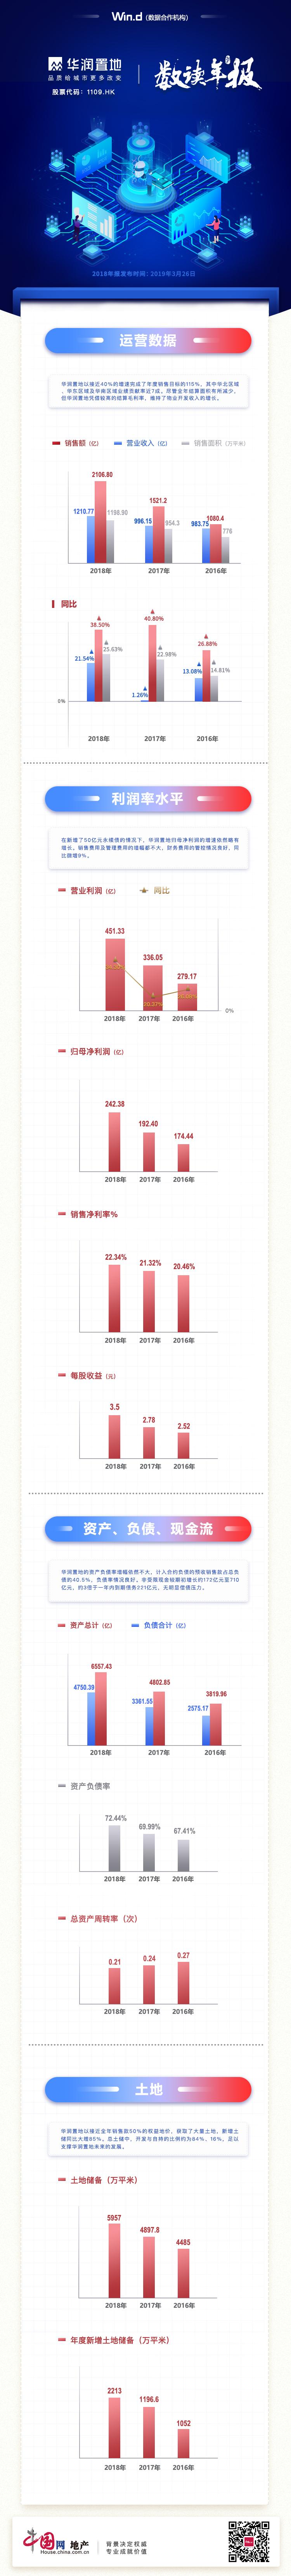 數讀年報|華潤置地:銷售額突破2000億元 無明顯償債壓力-中國網地産